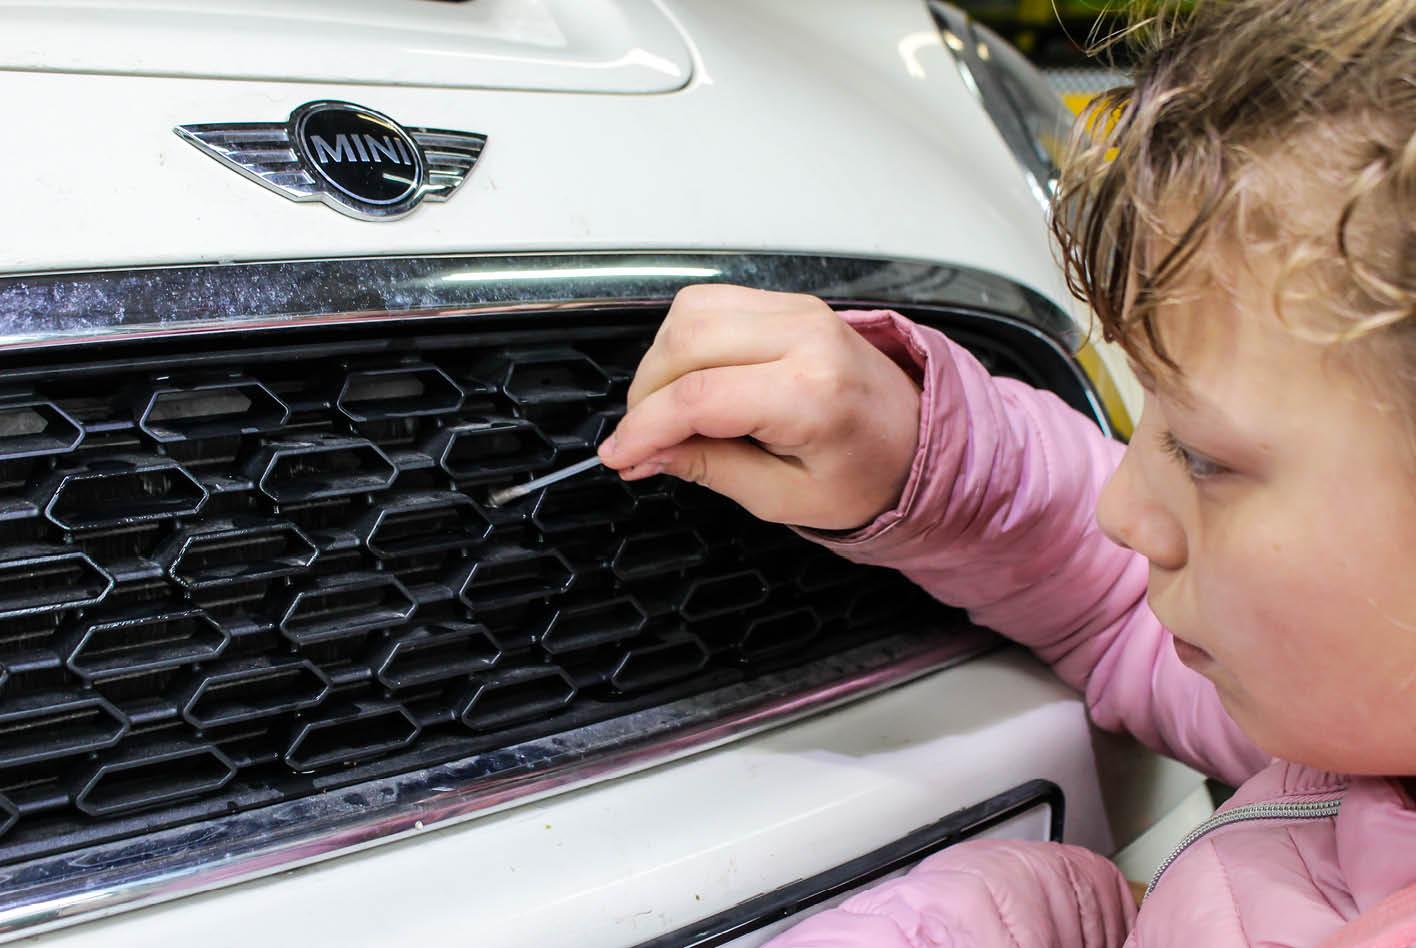 Kind reinigt den Kühlergrill mit einem Ohrenputzstäbchen.